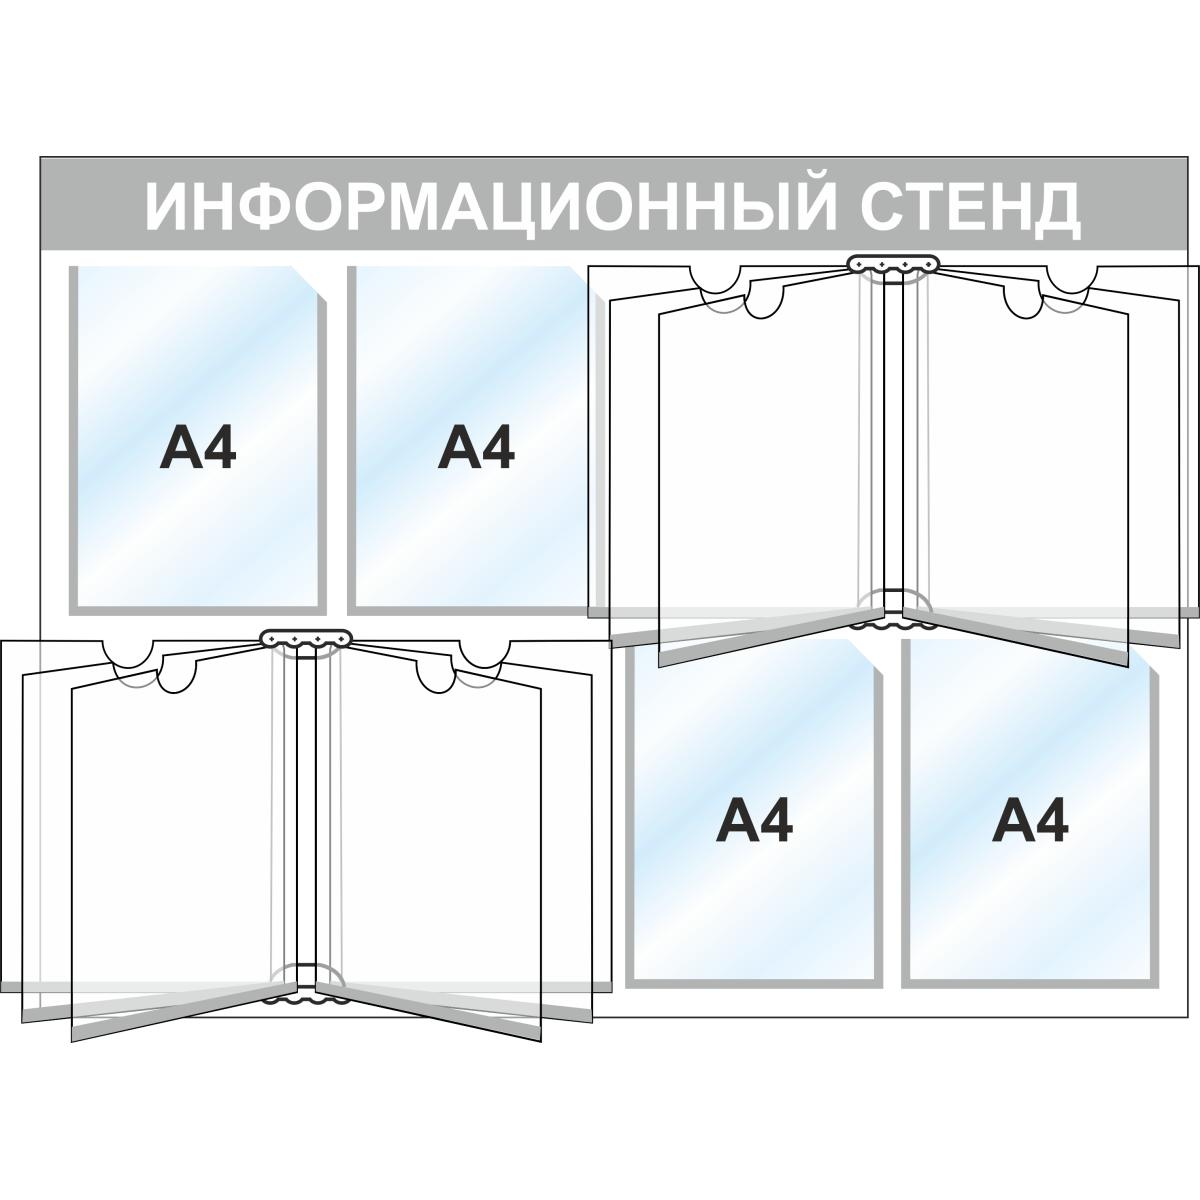 Стенд информационный 3243, 1000*750 мм, 4 кармана А4, 2 книги А4